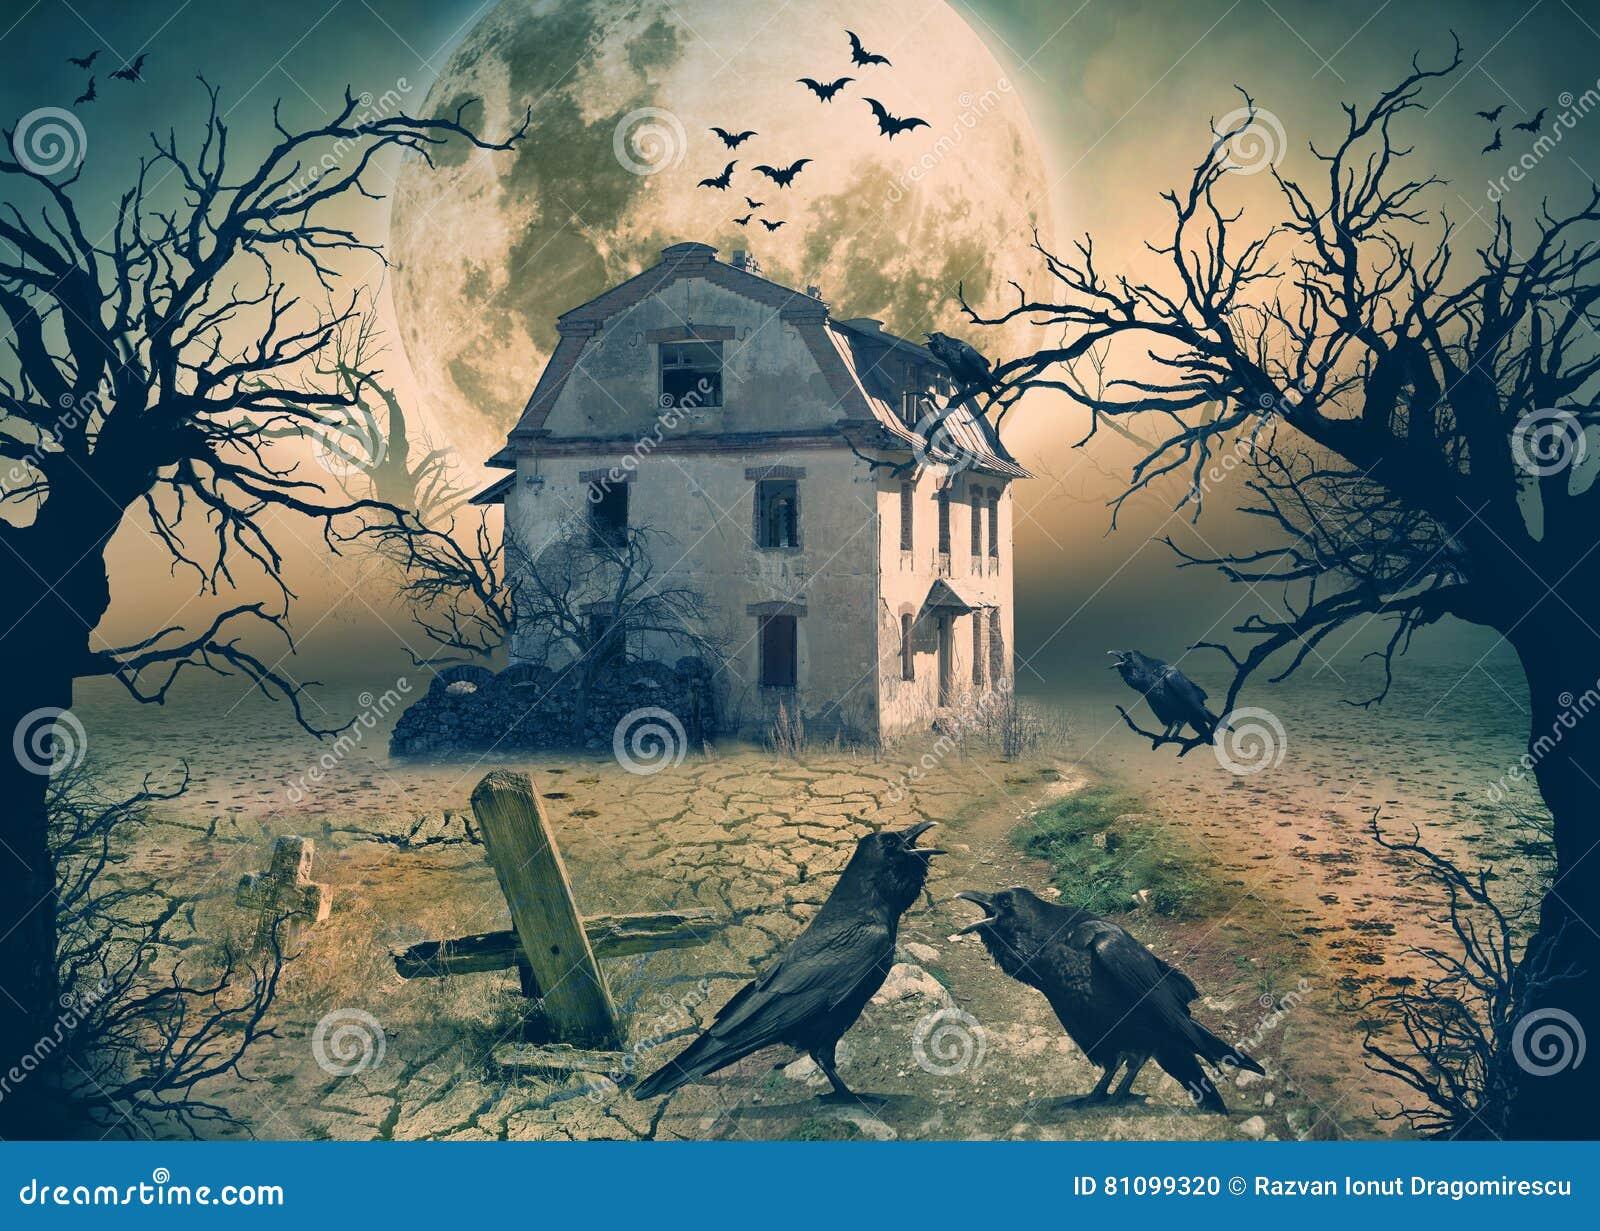 Συχνασμένο σπίτι με τους κόρακες και τη σκηνή φρίκης